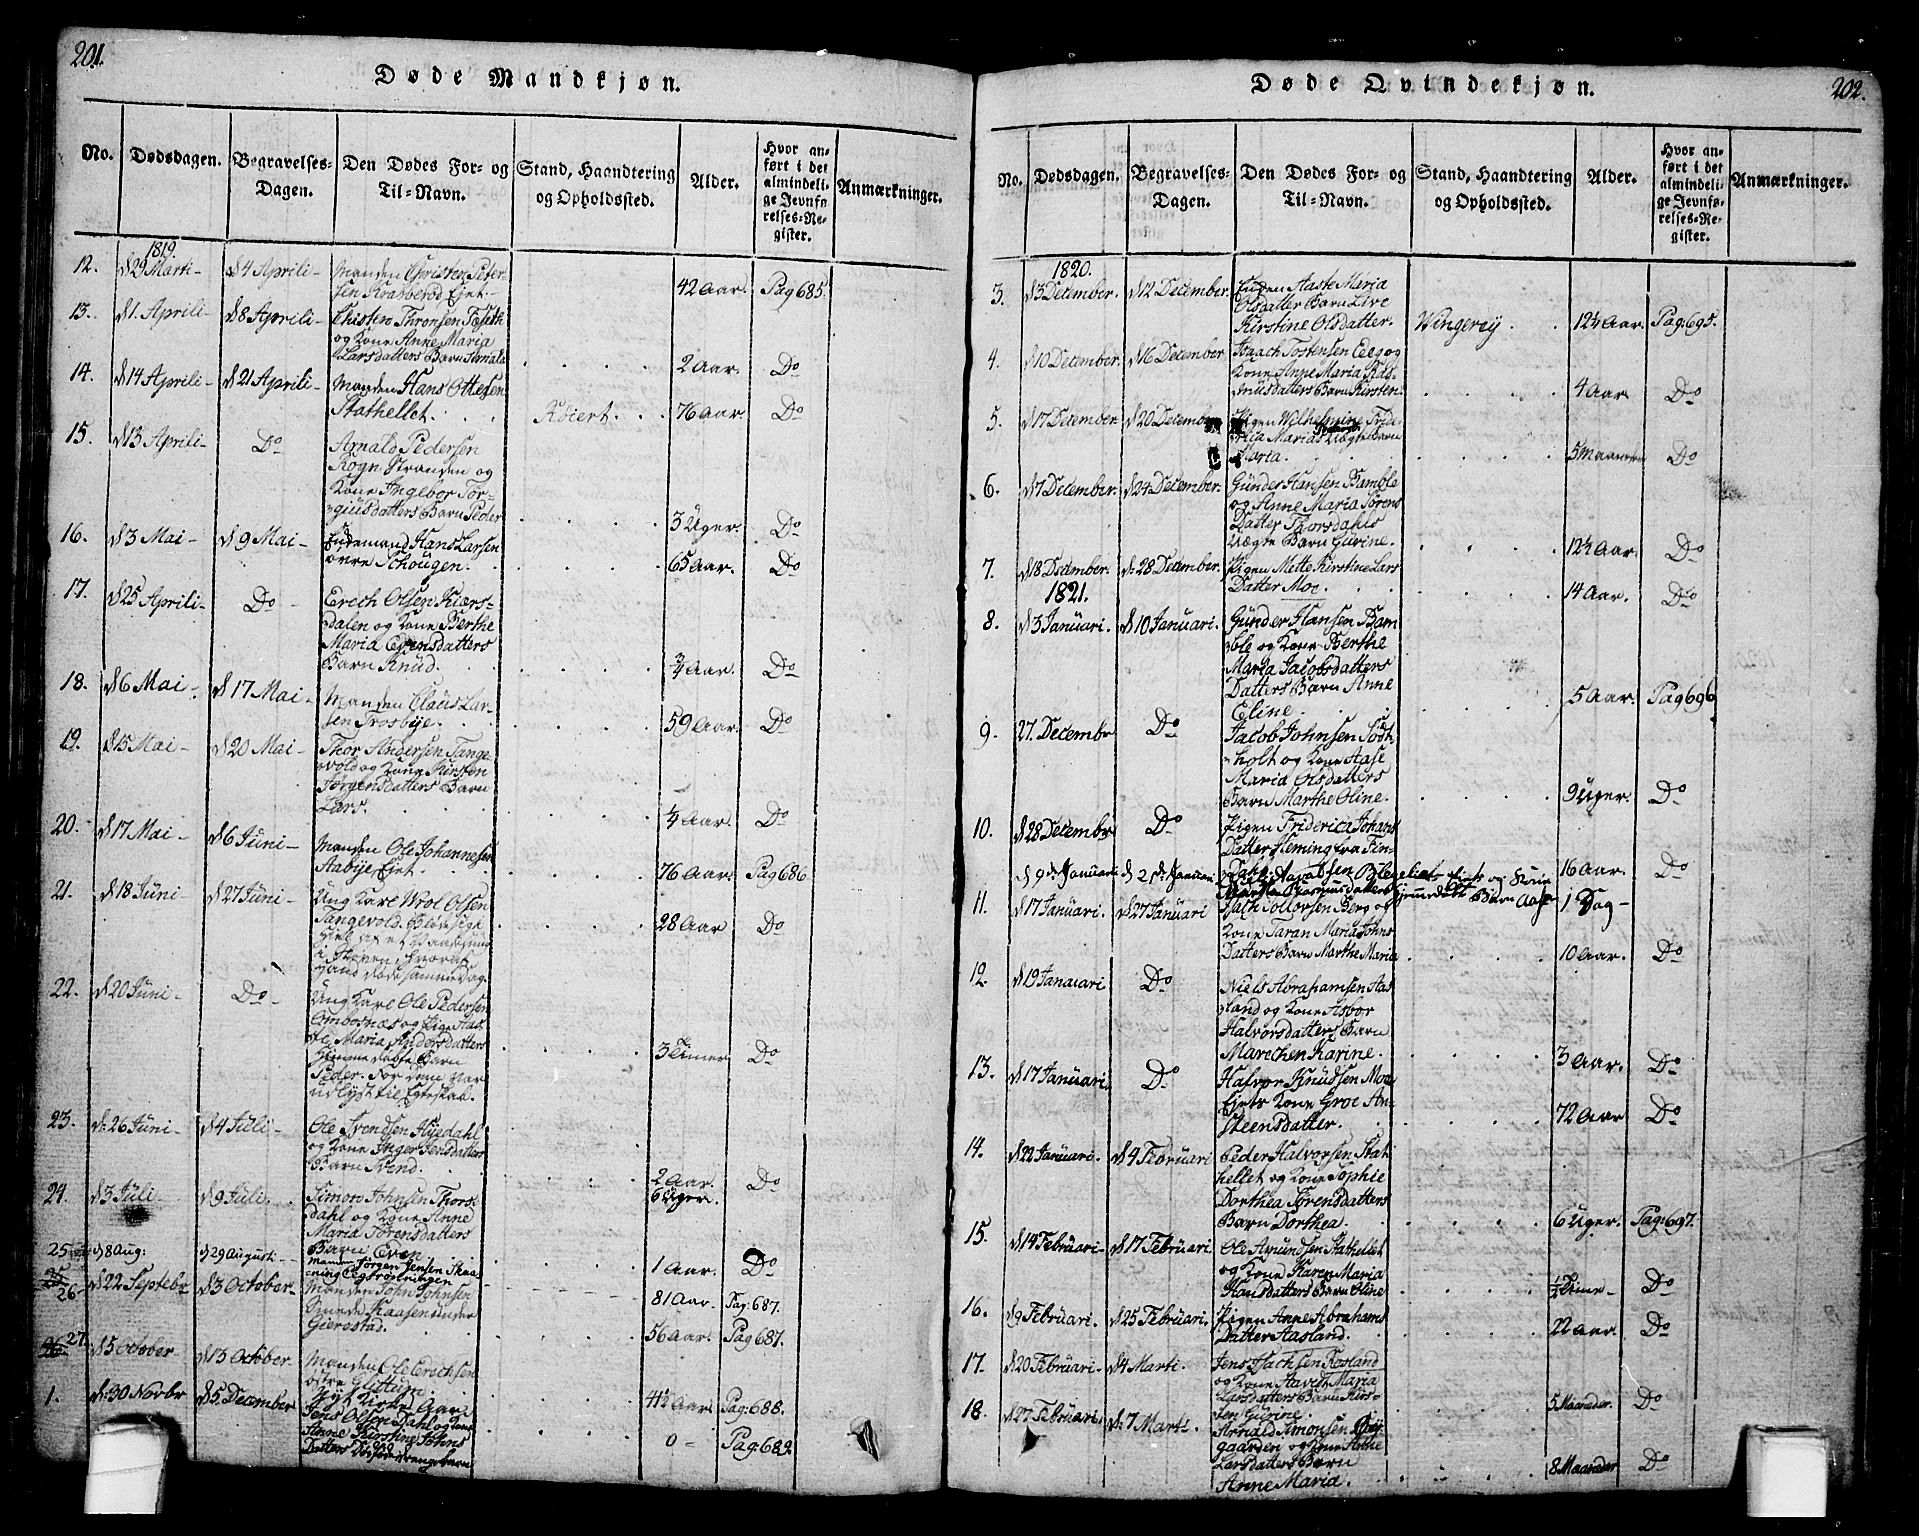 SAKO, Bamble kirkebøker, G/Ga/L0005: Klokkerbok nr. I 5, 1814-1855, s. 201-202